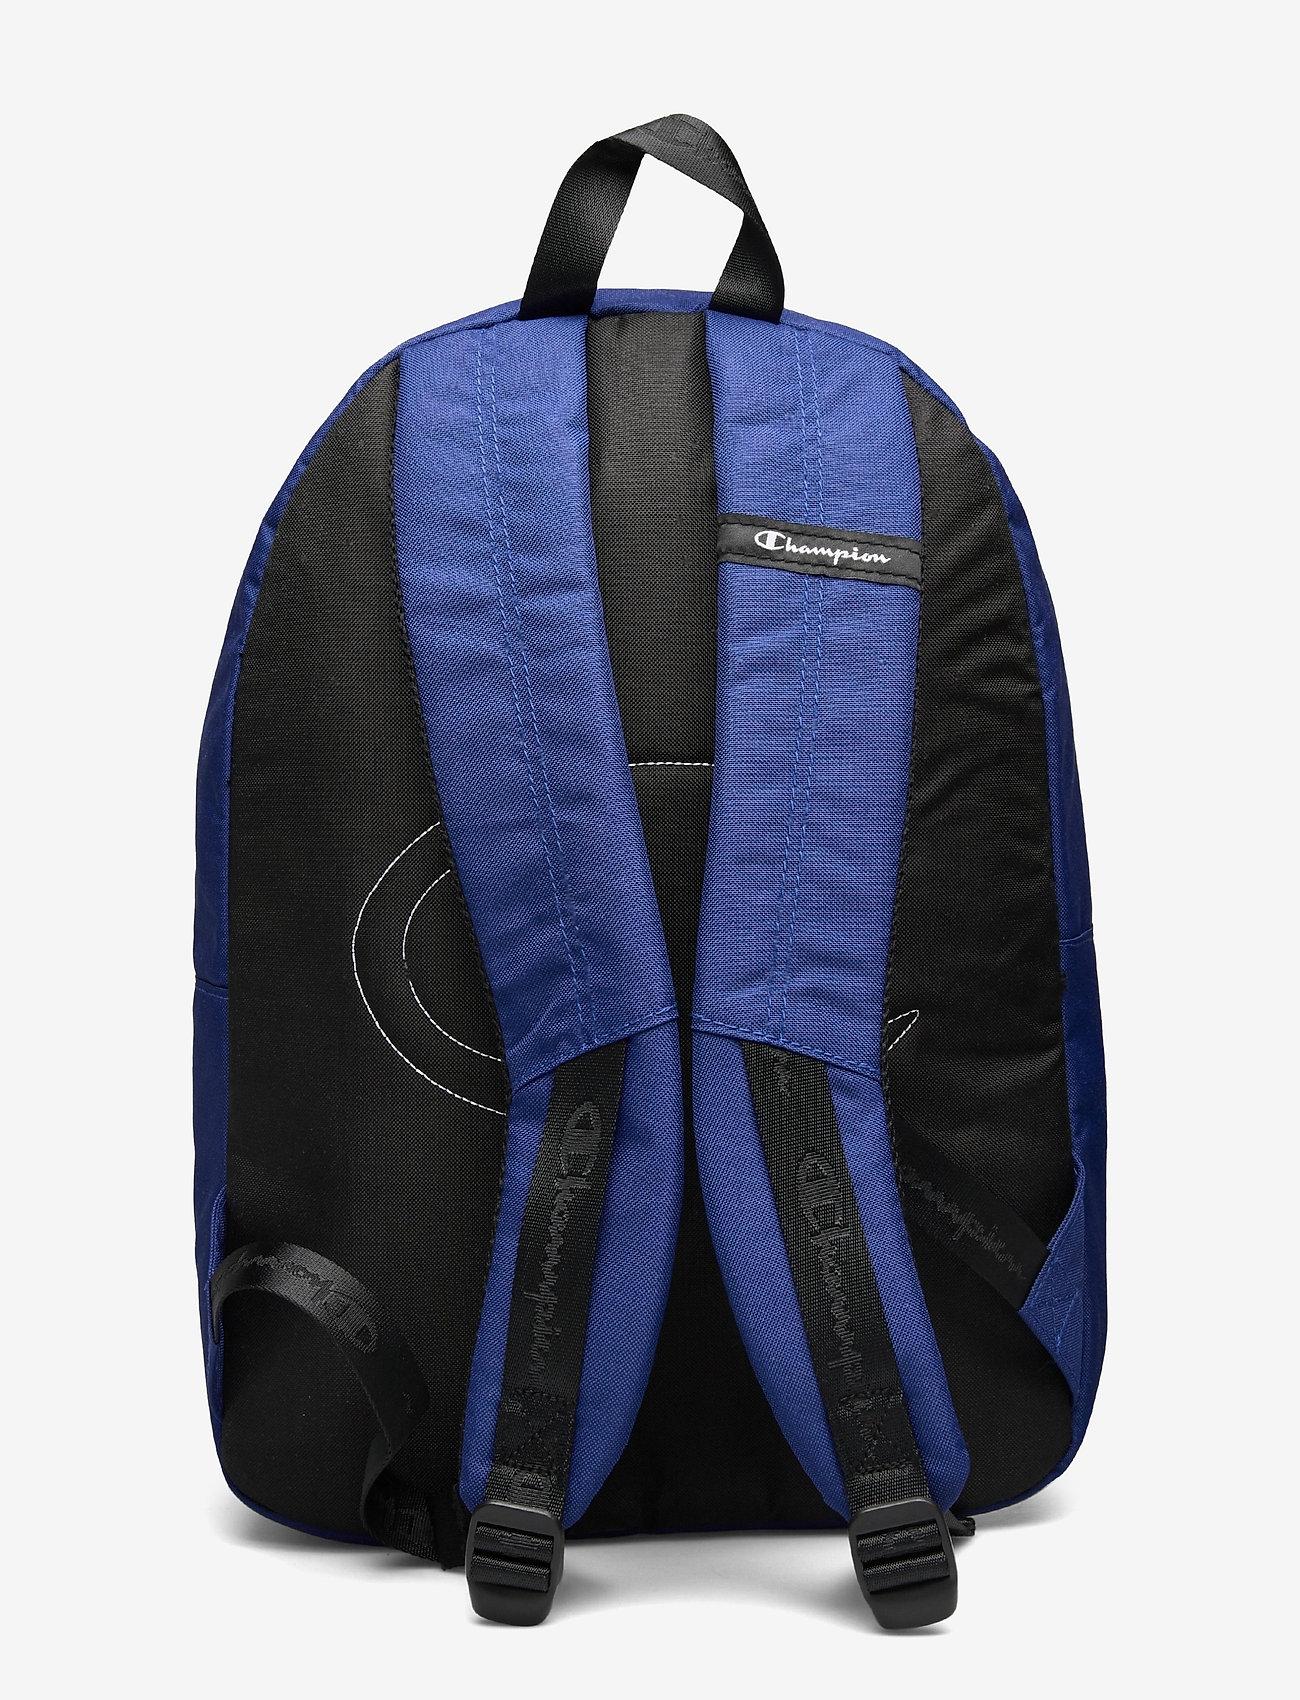 Champion - Backpack - trainingstassen - mazarine blue - 1